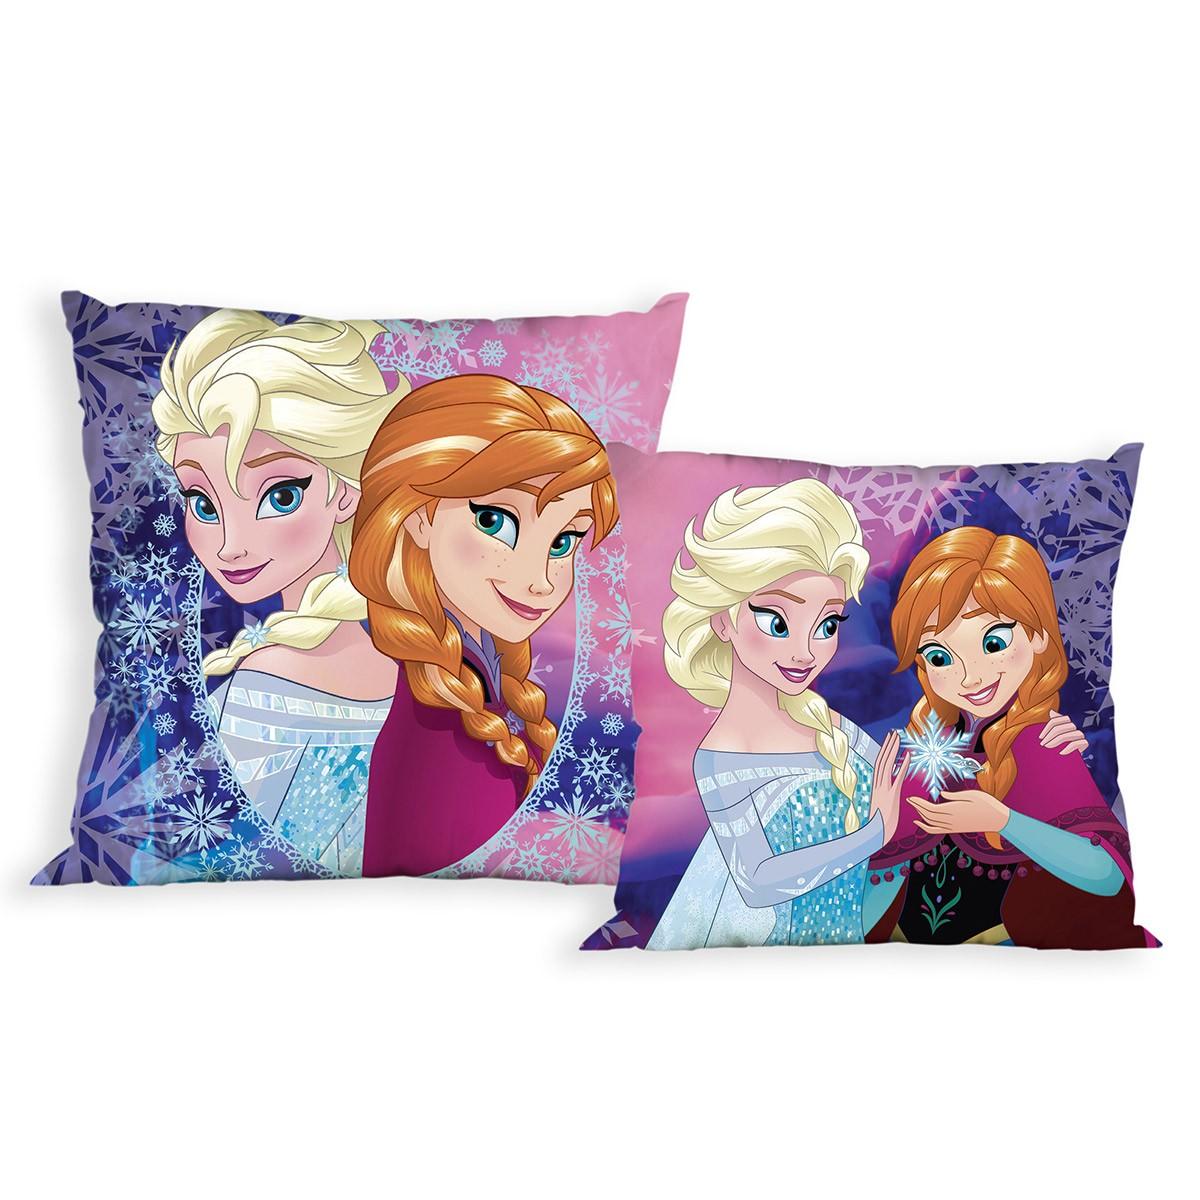 Διακοσμητικό Μαξιλάρι 2 Όψεων Dim Collection Frozen 09